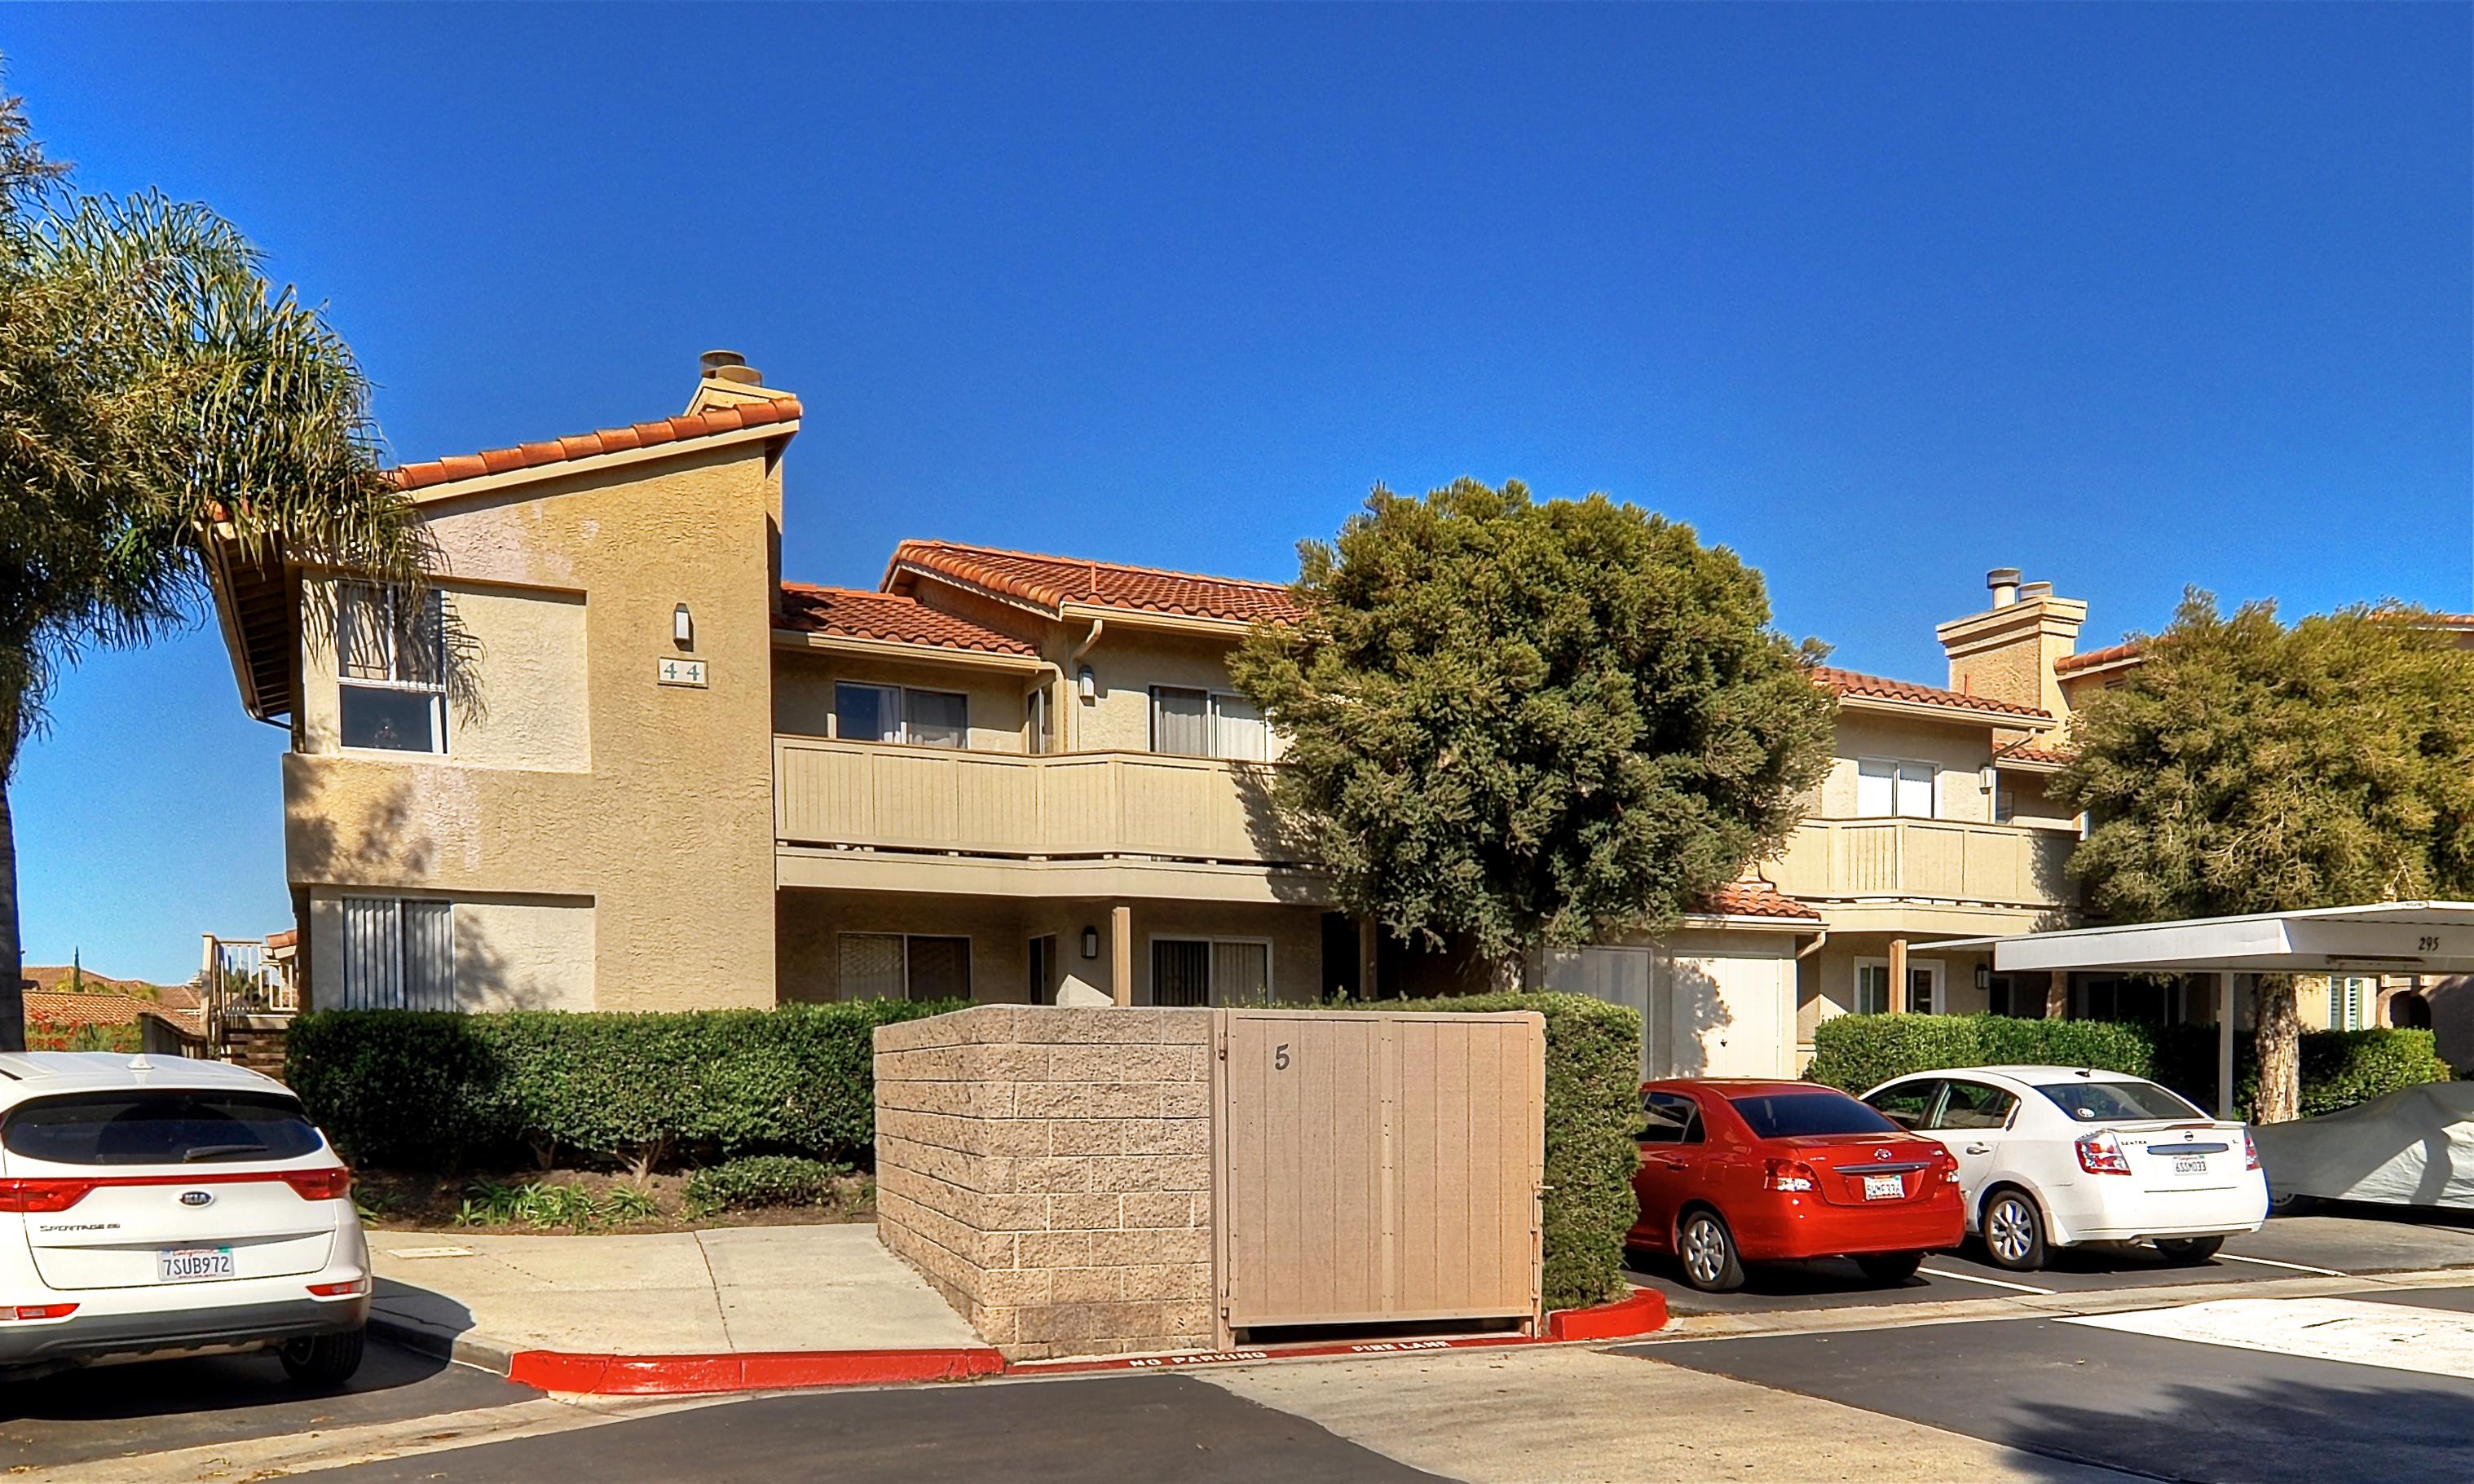 Eigentumswohnung für Verkauf beim 44 Corniche Dr #F Dana Point, Kalifornien, 92629 Vereinigte Staaten